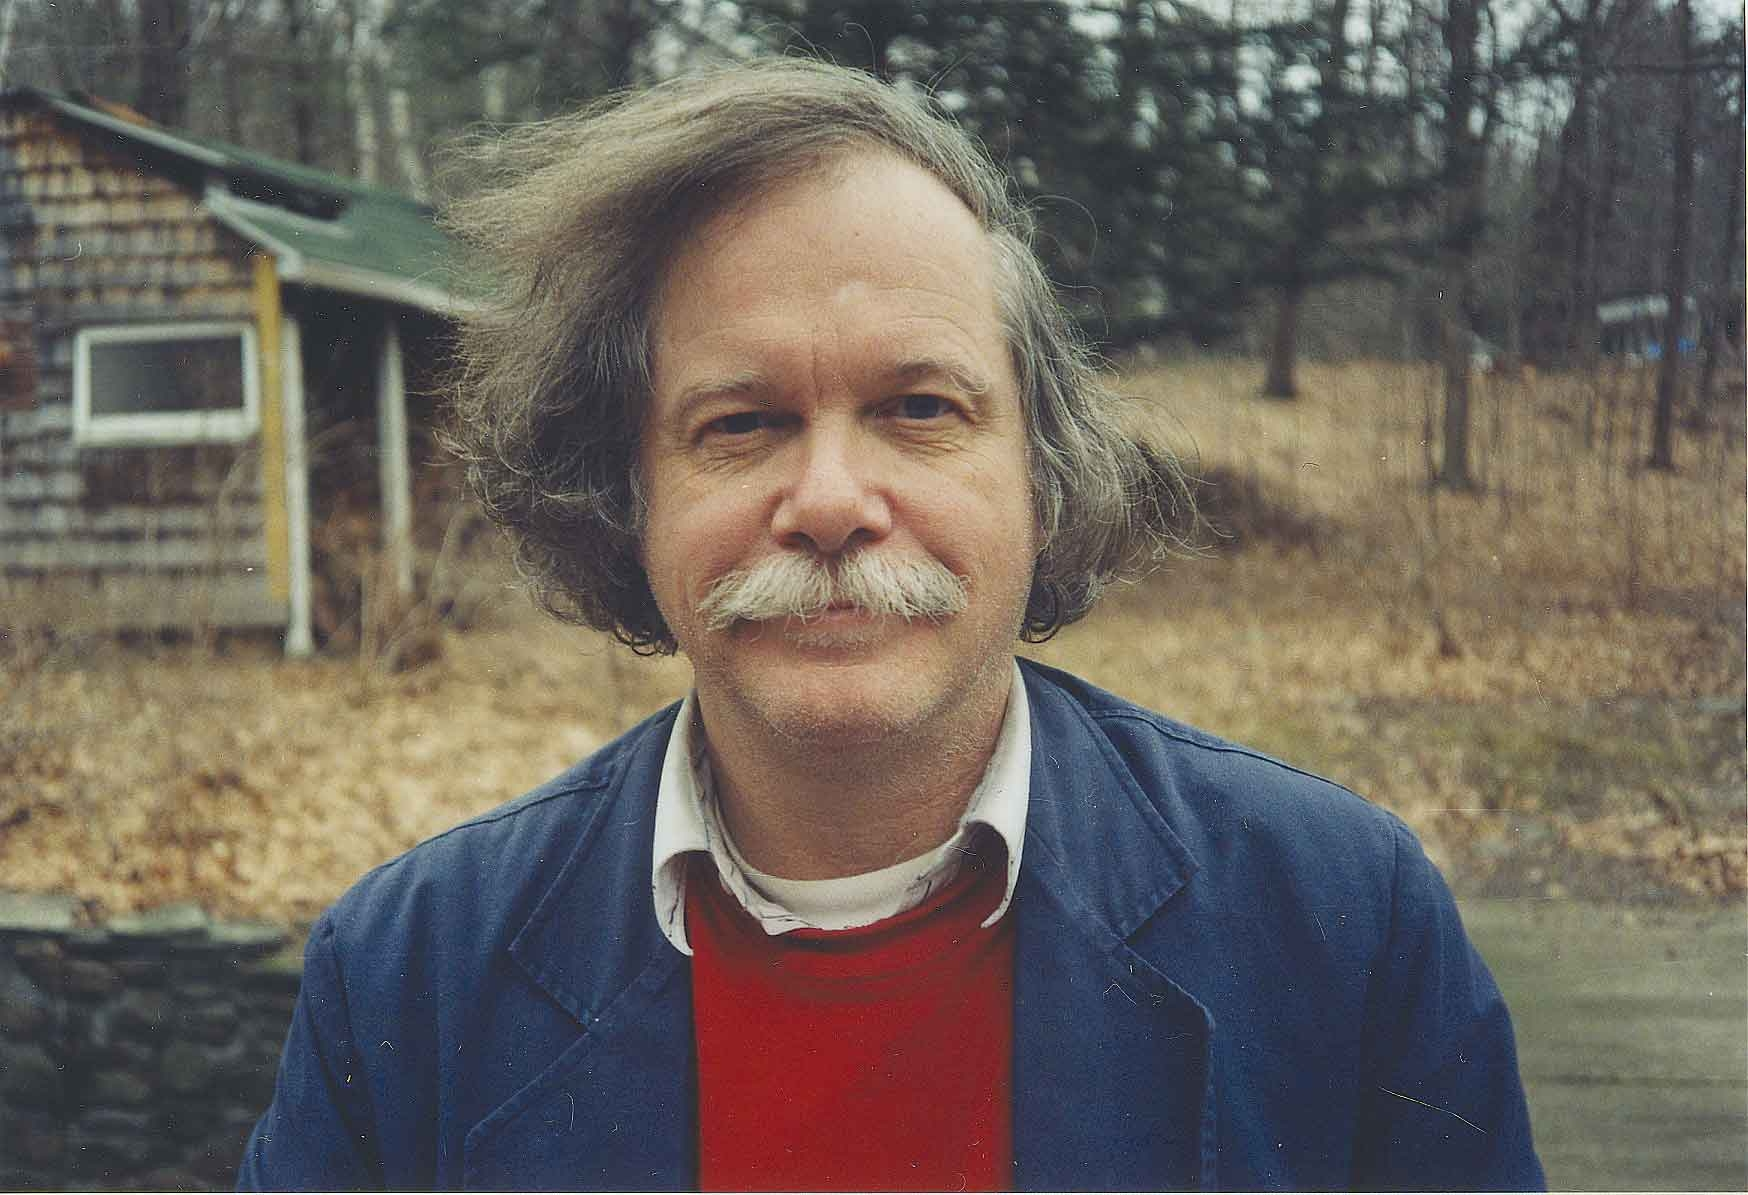 Edward Sanders